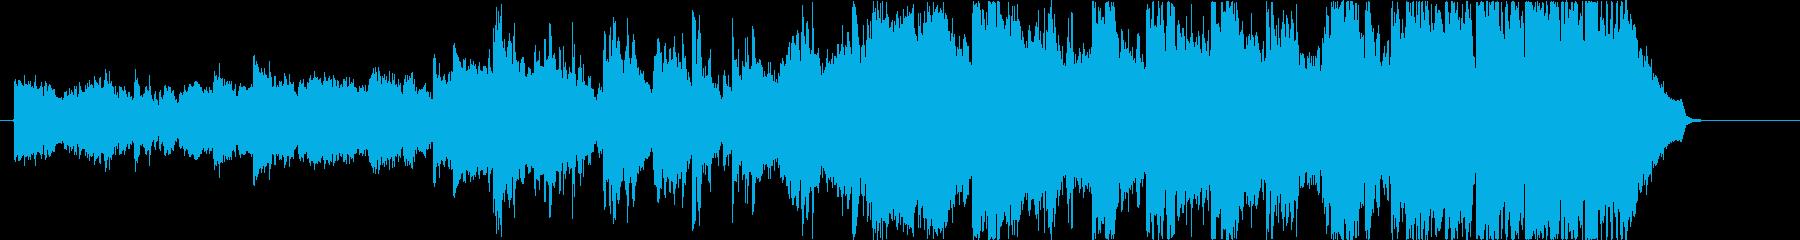 先進的でIQ高い系な映像に最適の再生済みの波形